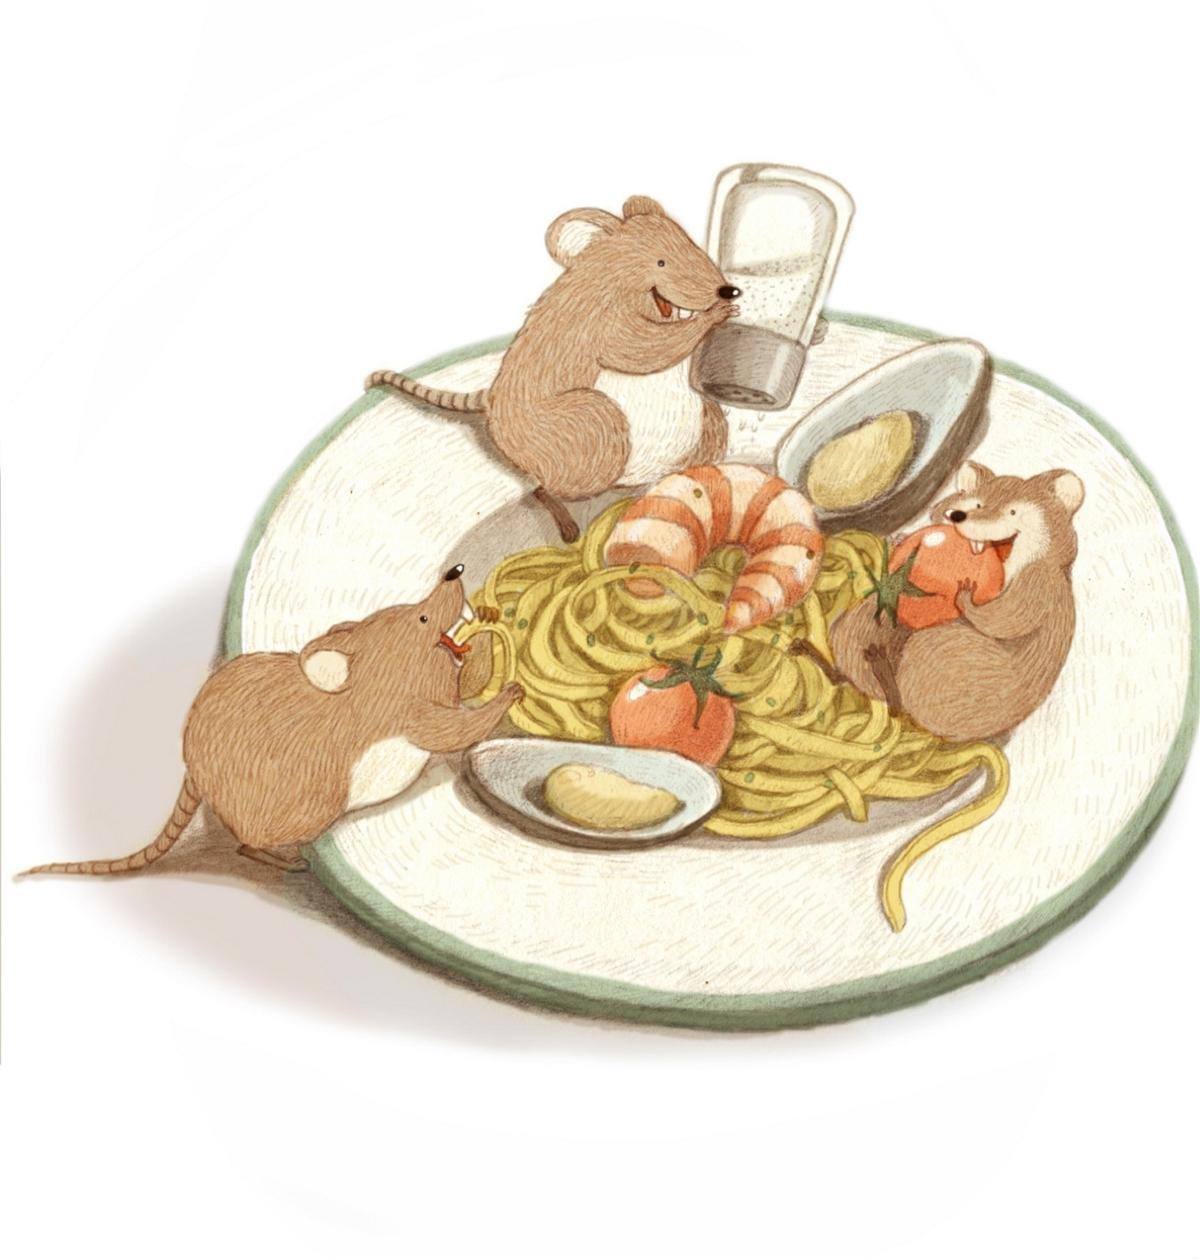 超可爱的小动物插画欣赏